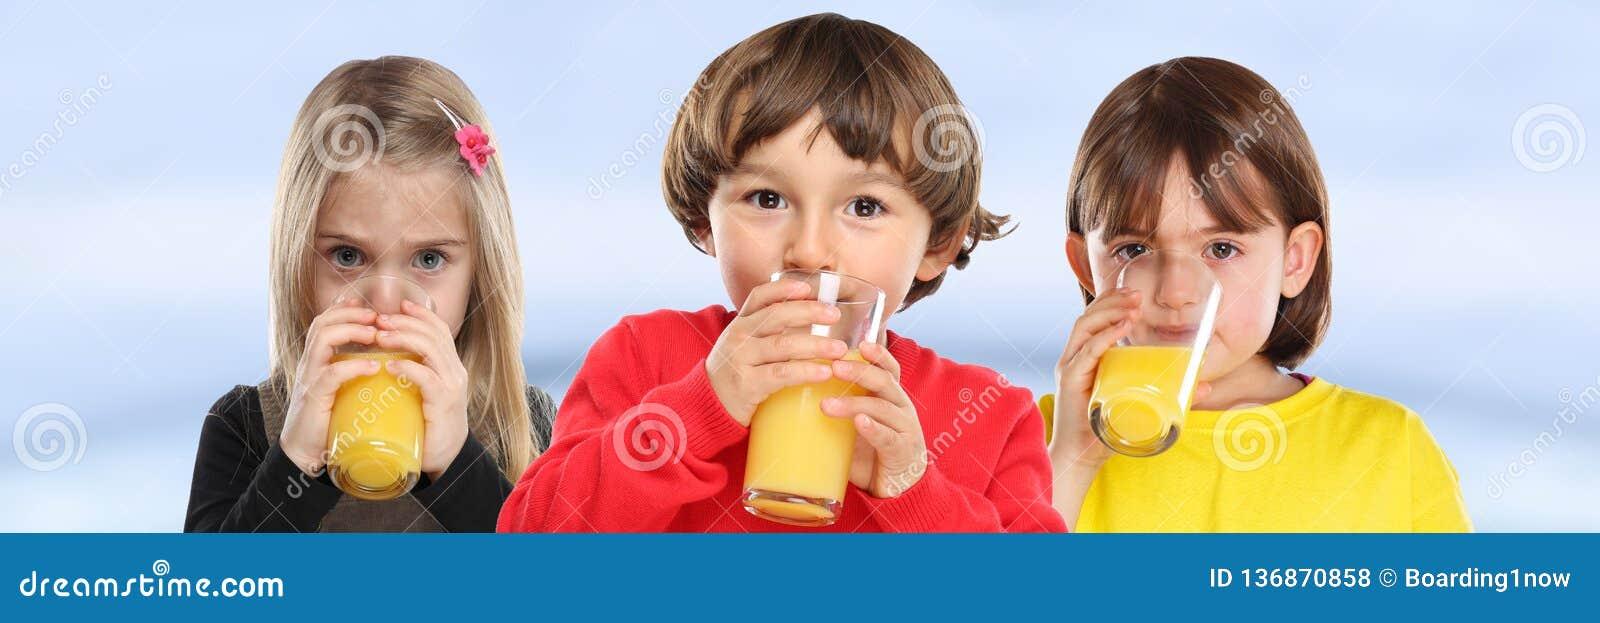 Gruppe Kindermädchen-Jungenkinder, die Fahne der Orangensaftgesunden ernährung trinken